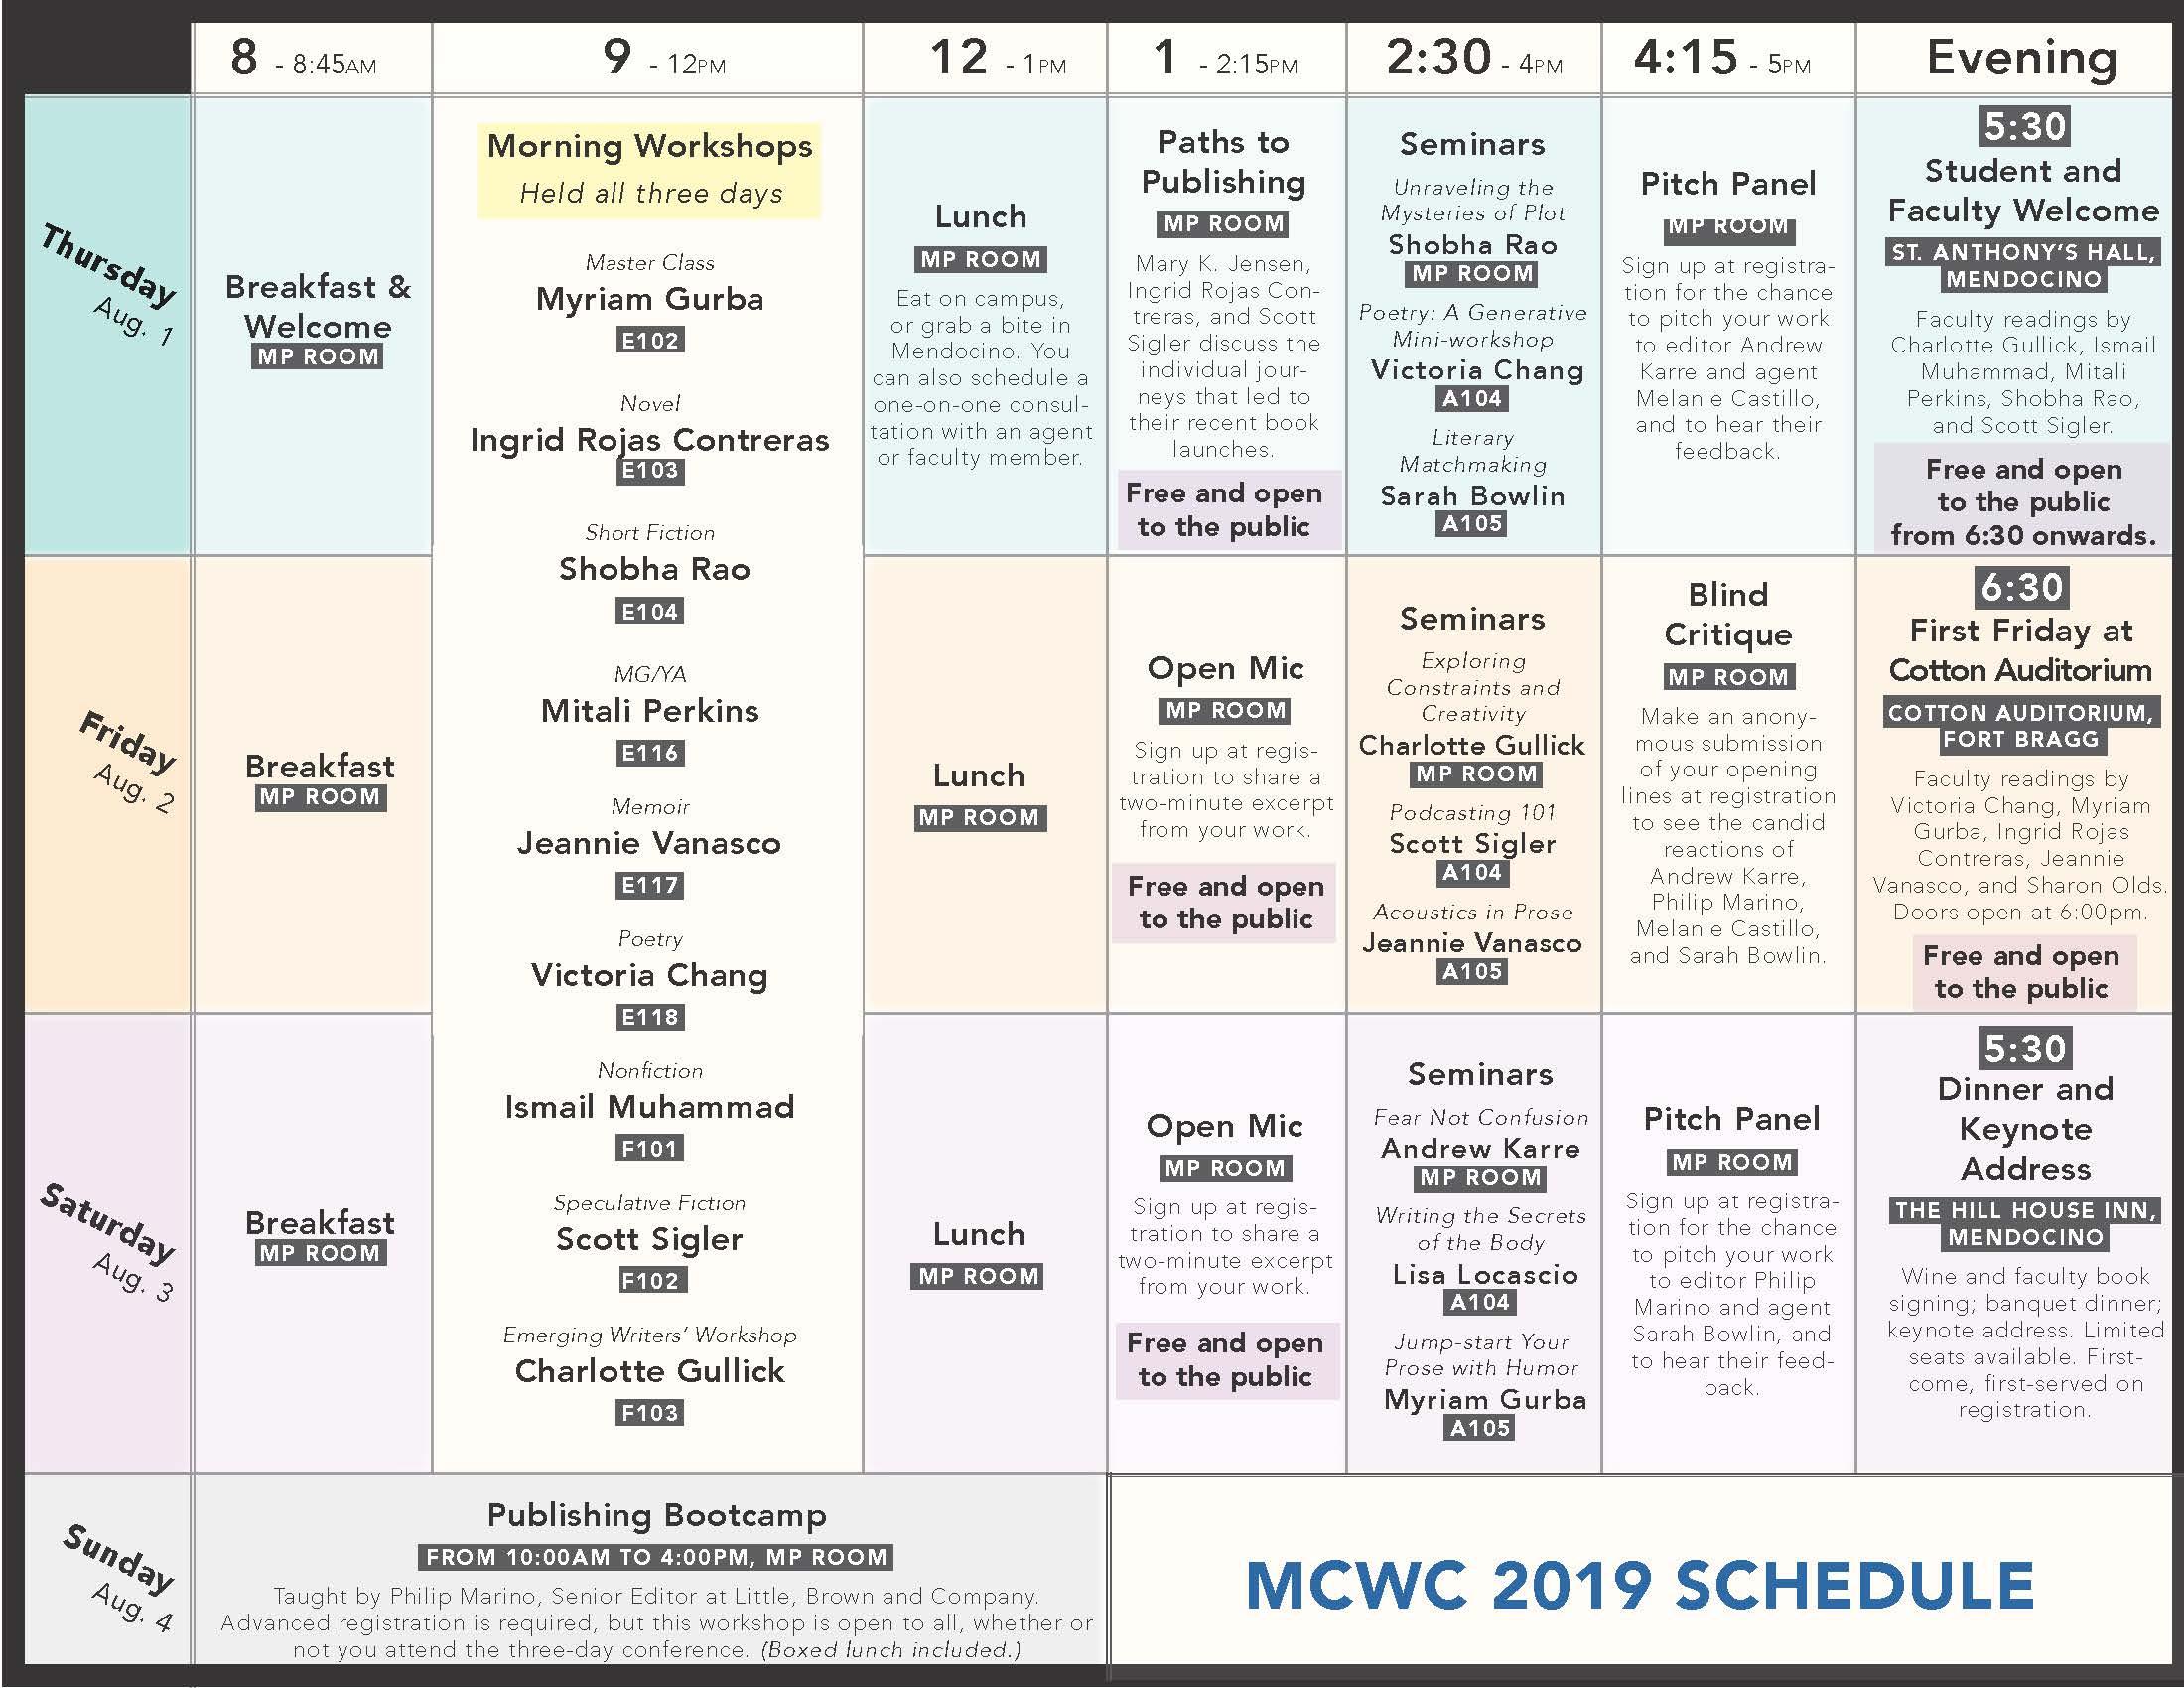 ScheduleAtAGlance_MCWC_2019.jpg